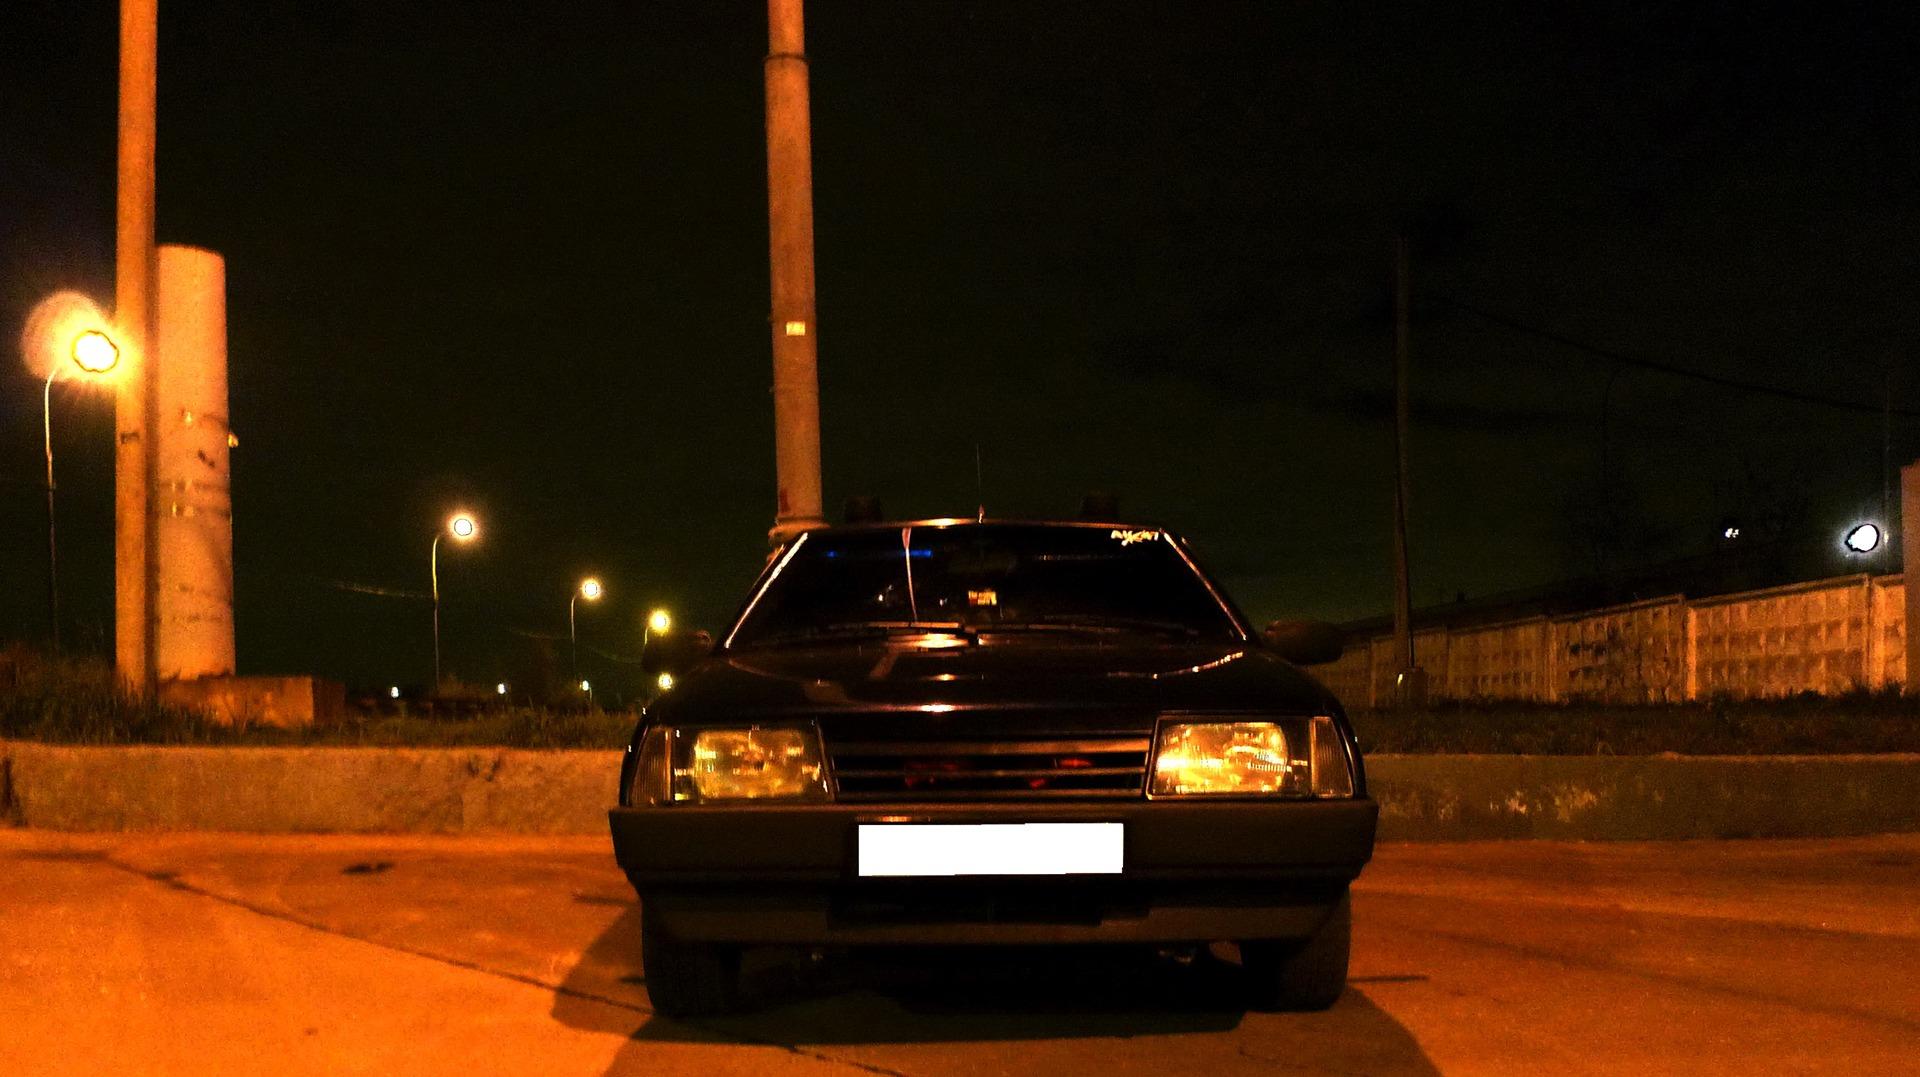 жители пожаловались фото в машине лады ночью любительница